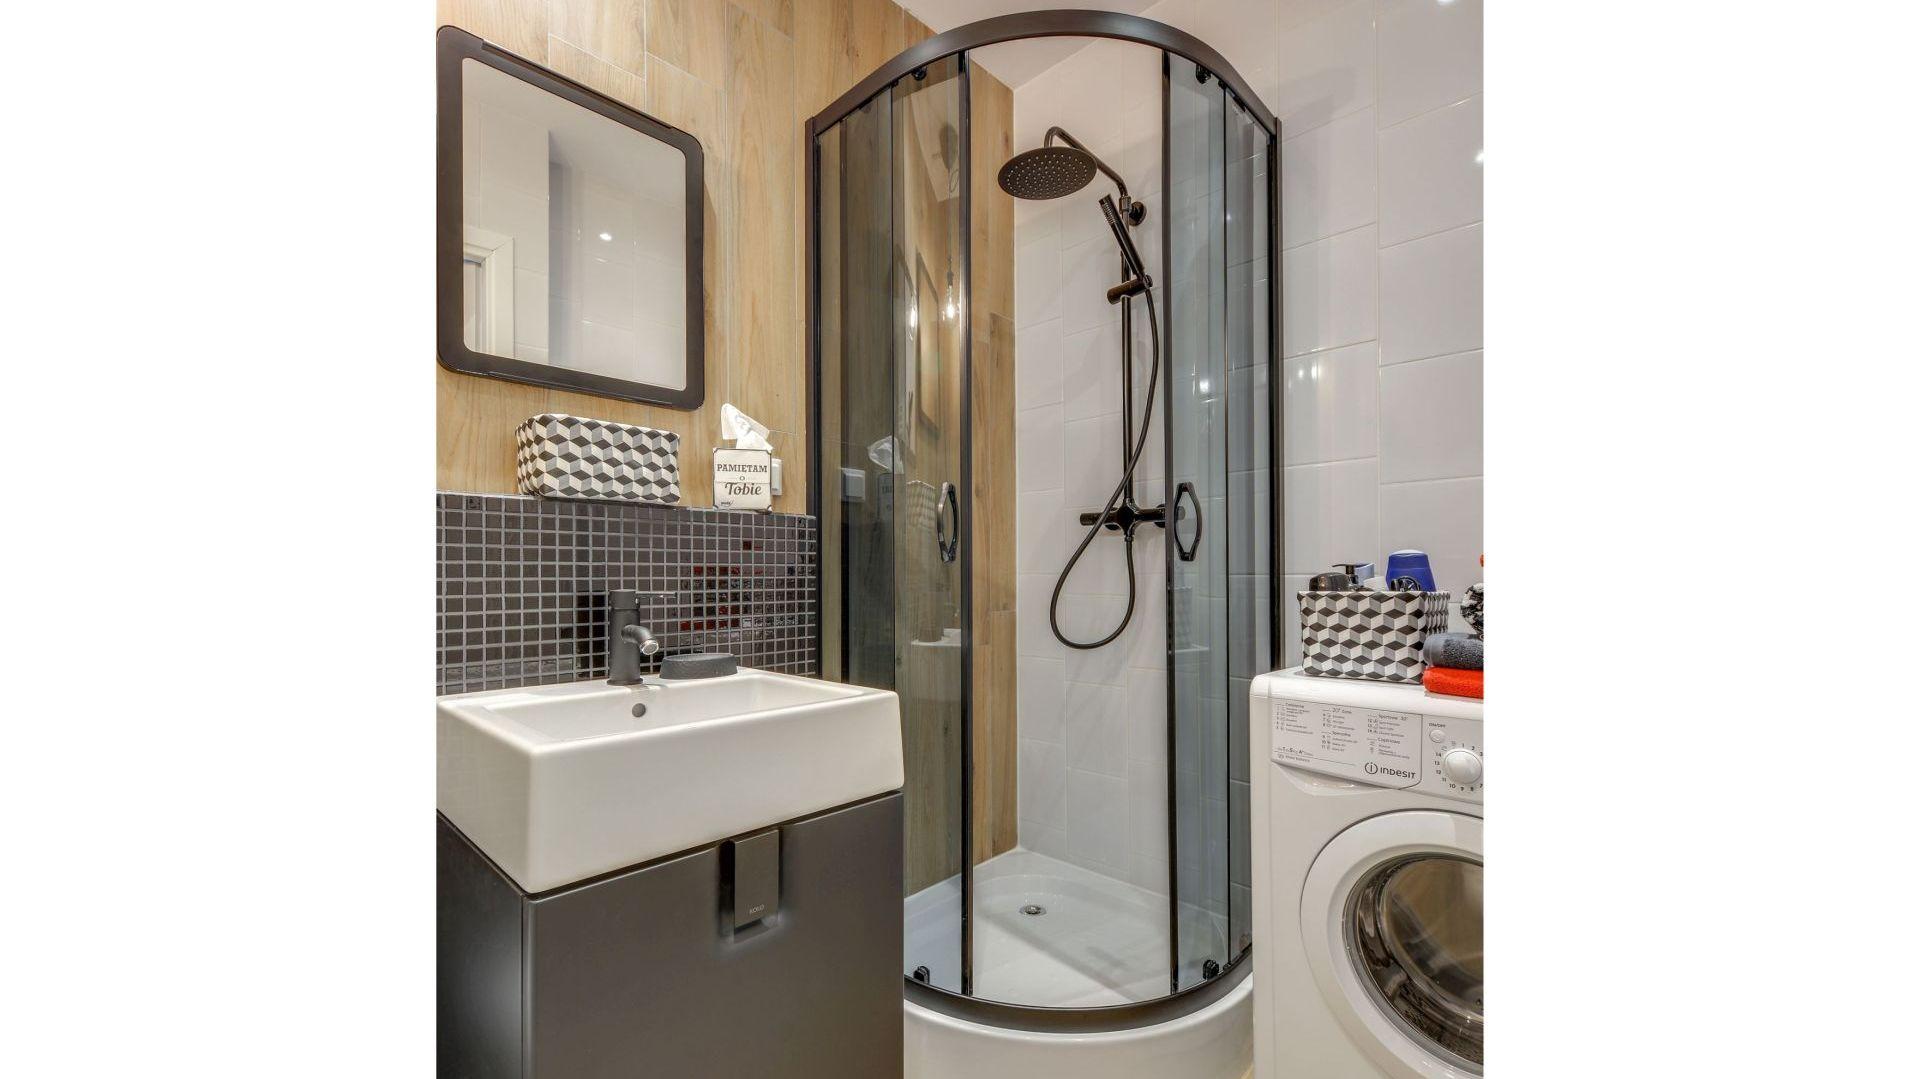 Deficyt przestrzeni w malutkiej kawalerce zdecydował o większości tu rozwiązań - kompaktowych meblach i kabinie prysznicowej. Projekt: Małgorzata Mataniak-Pakuła. Fot. Radosław Sobik